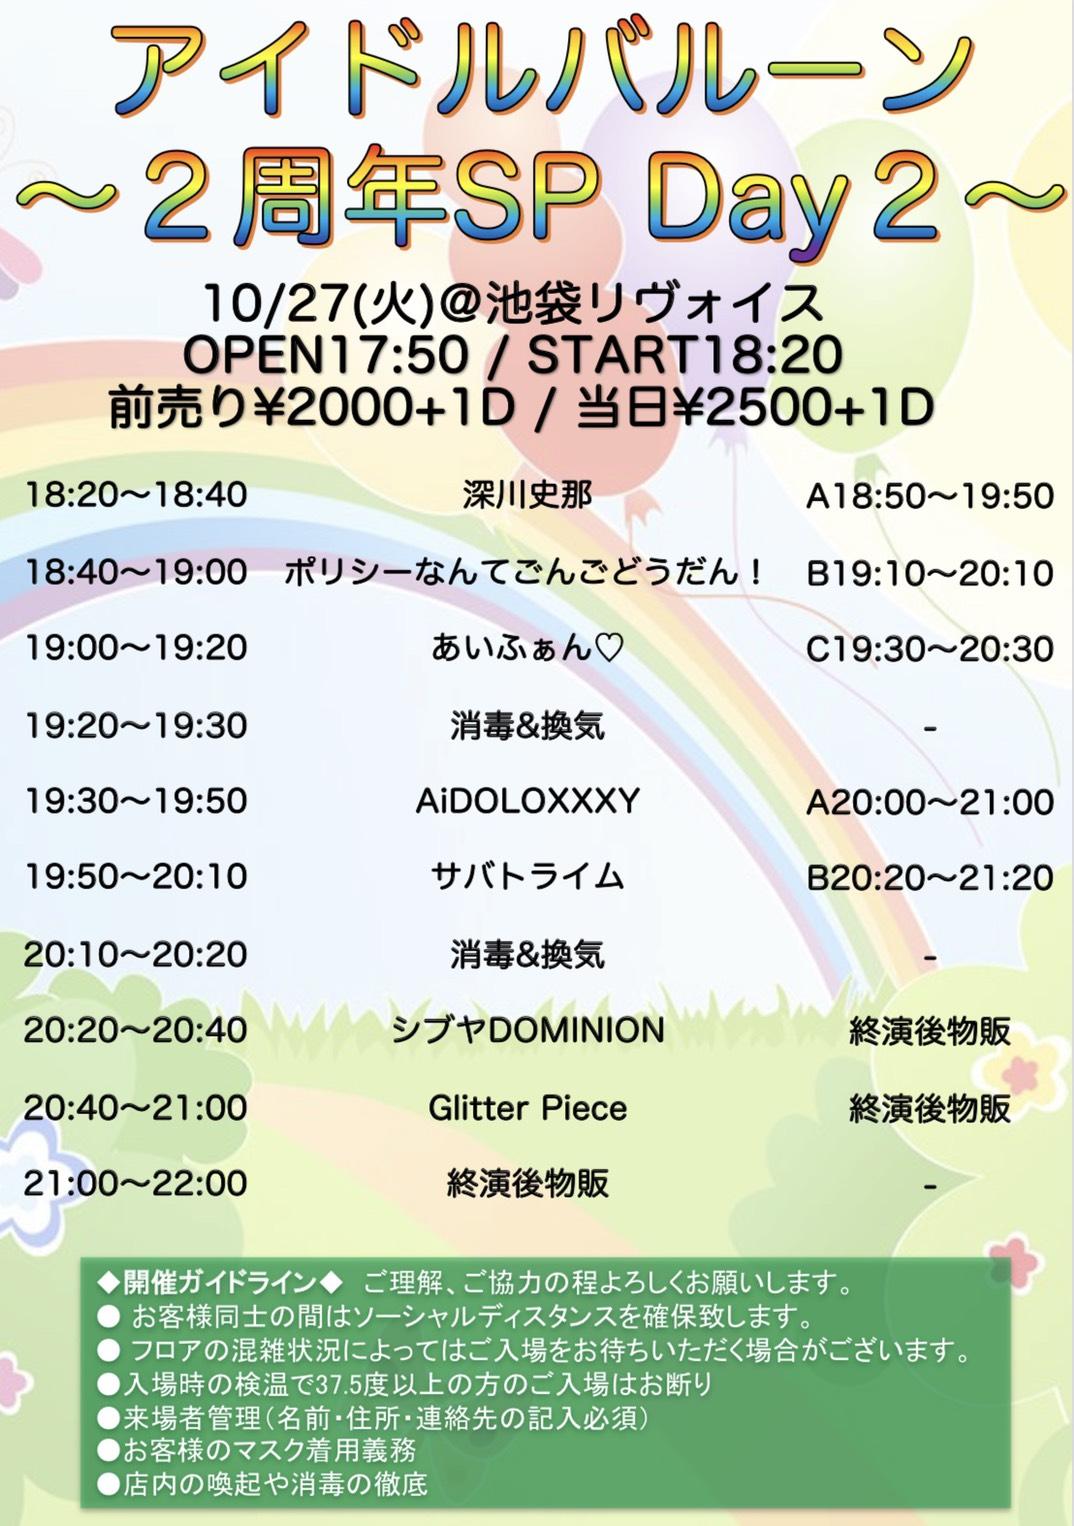 アイドルバルーン ~2周年SP Day2~